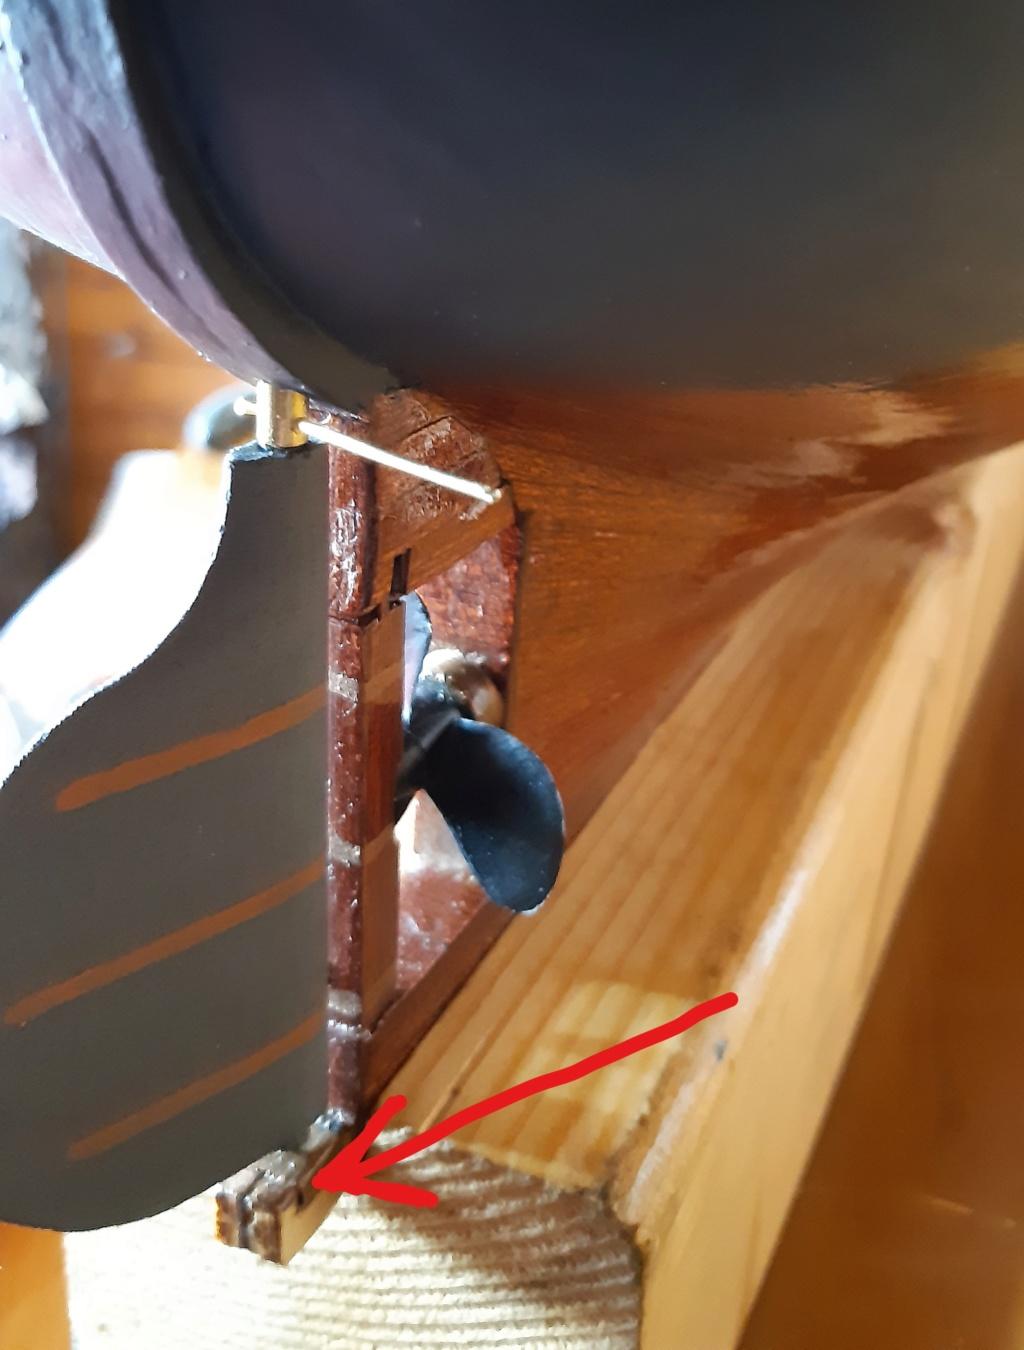 costruzione - costruzione di goletta, liberamente ispirata a piroscafo cannoniera del XIX secolo - Pagina 12 Inked219